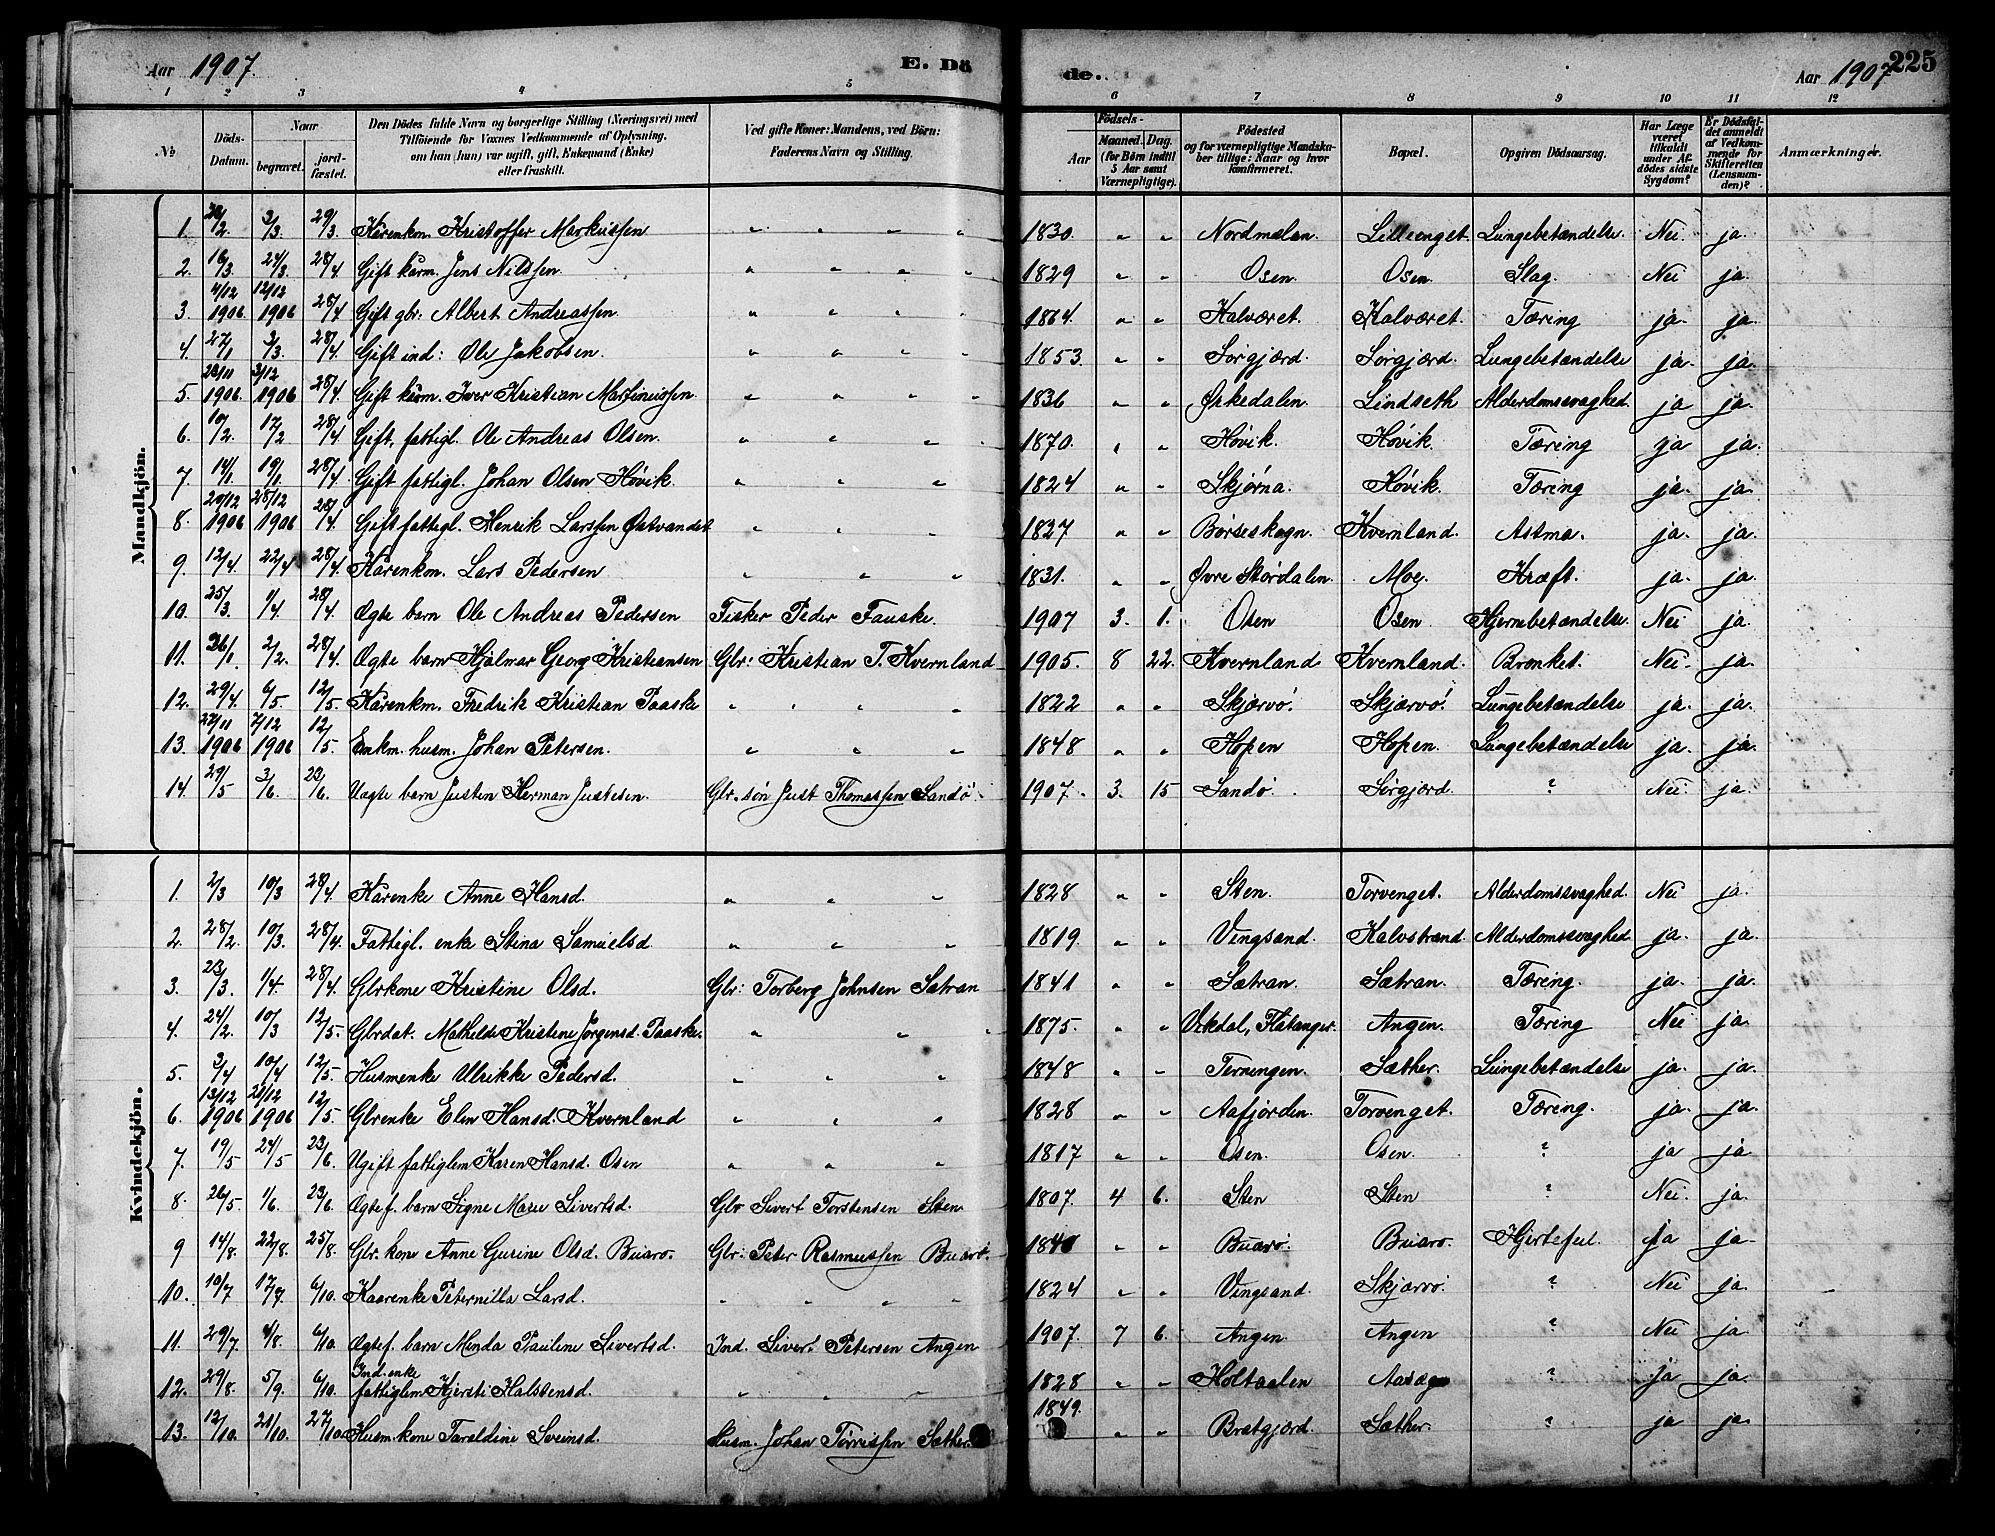 SAT, Ministerialprotokoller, klokkerbøker og fødselsregistre - Sør-Trøndelag, 658/L0726: Klokkerbok nr. 658C02, 1883-1908, s. 225